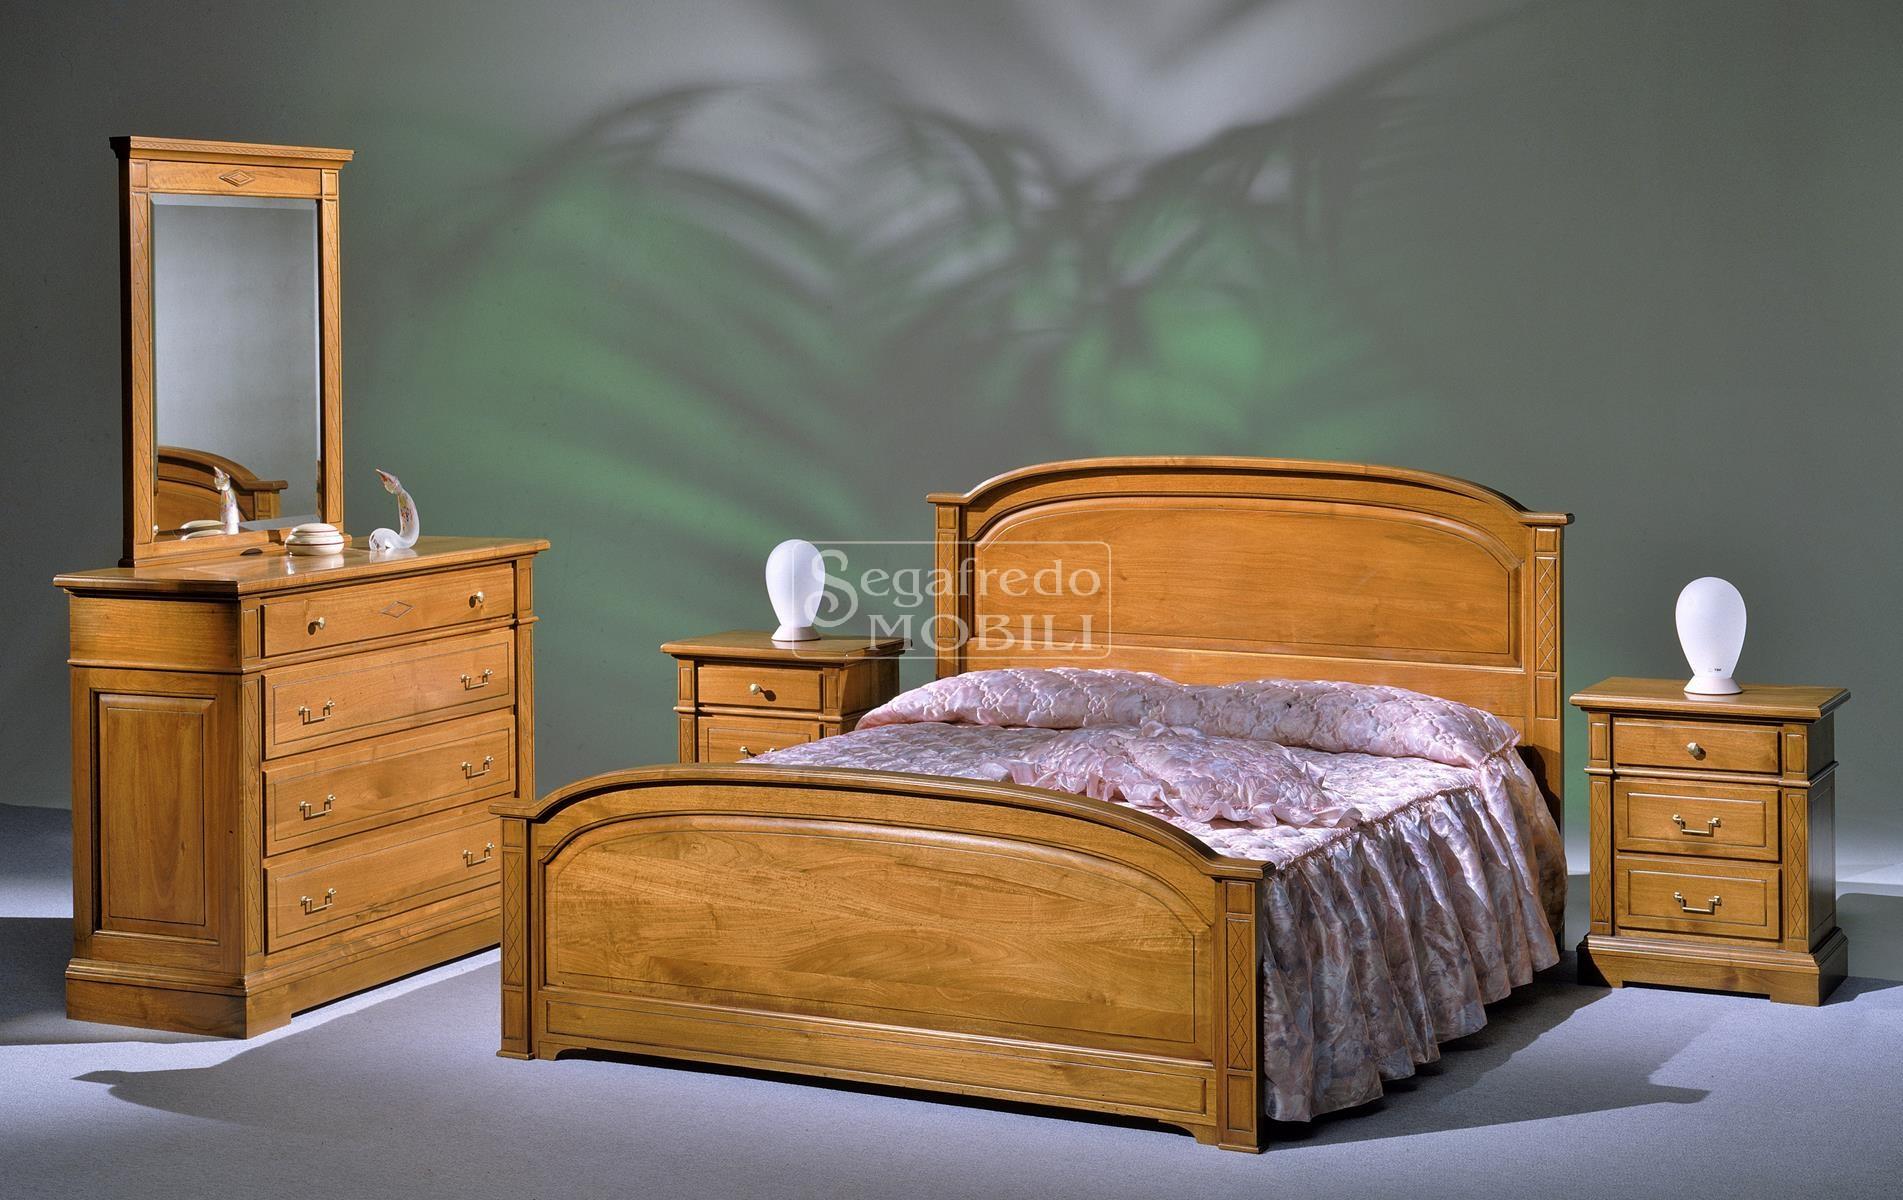 Camera da letto matrimoniale linea elena in legno massello for Camera matrimoniale in legno